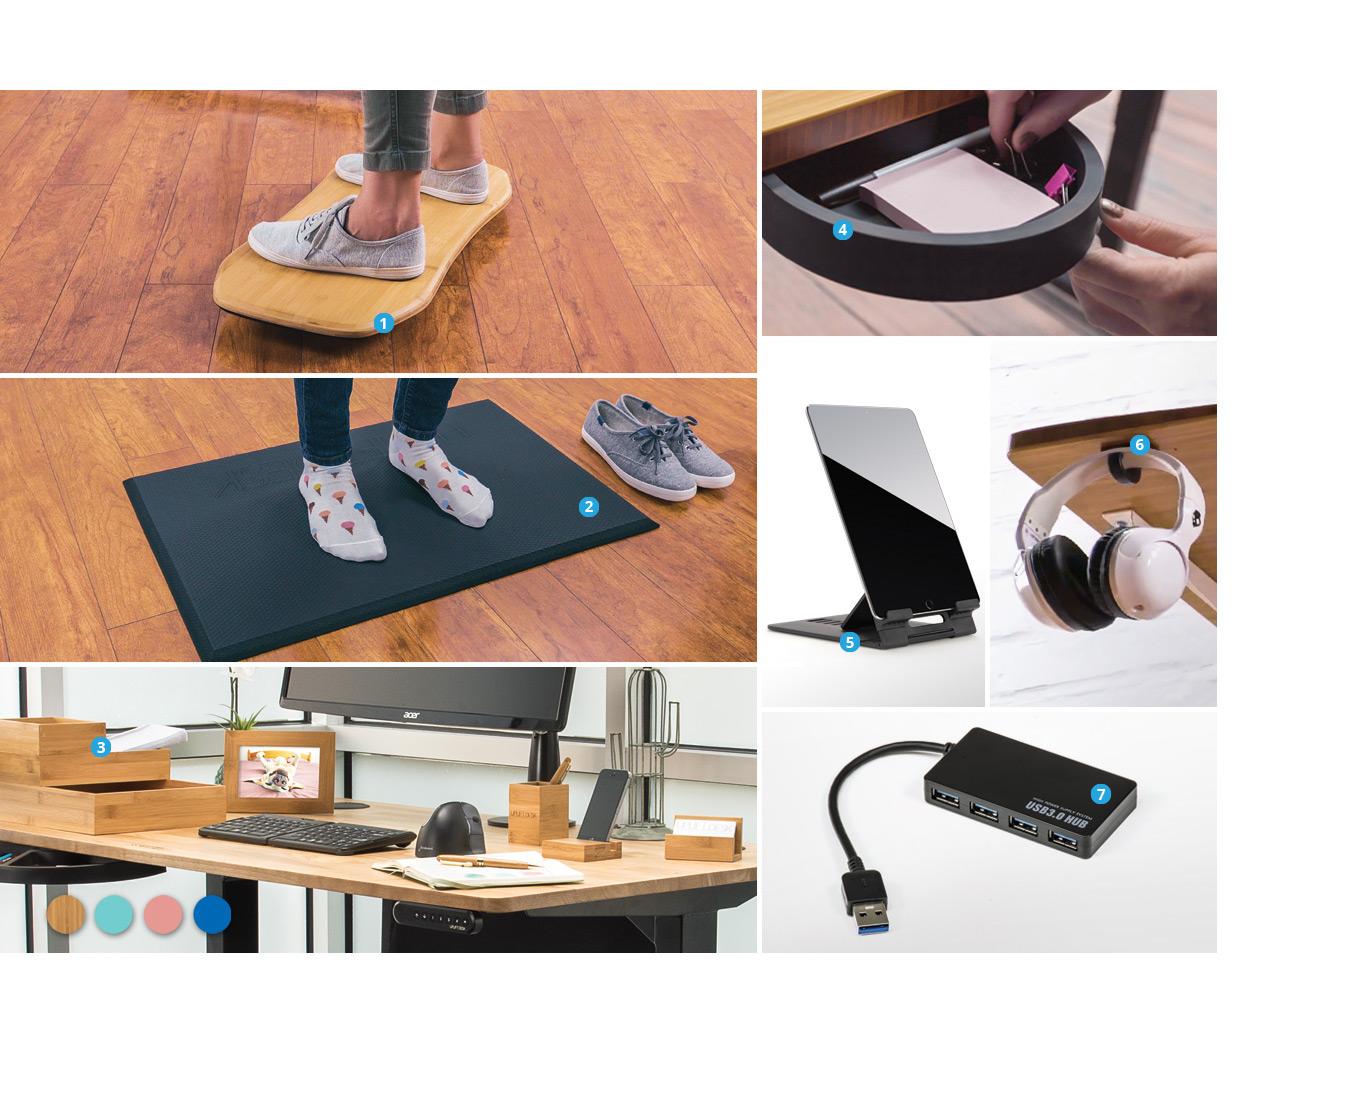 UPLIFT Desk Winter Savings Sale